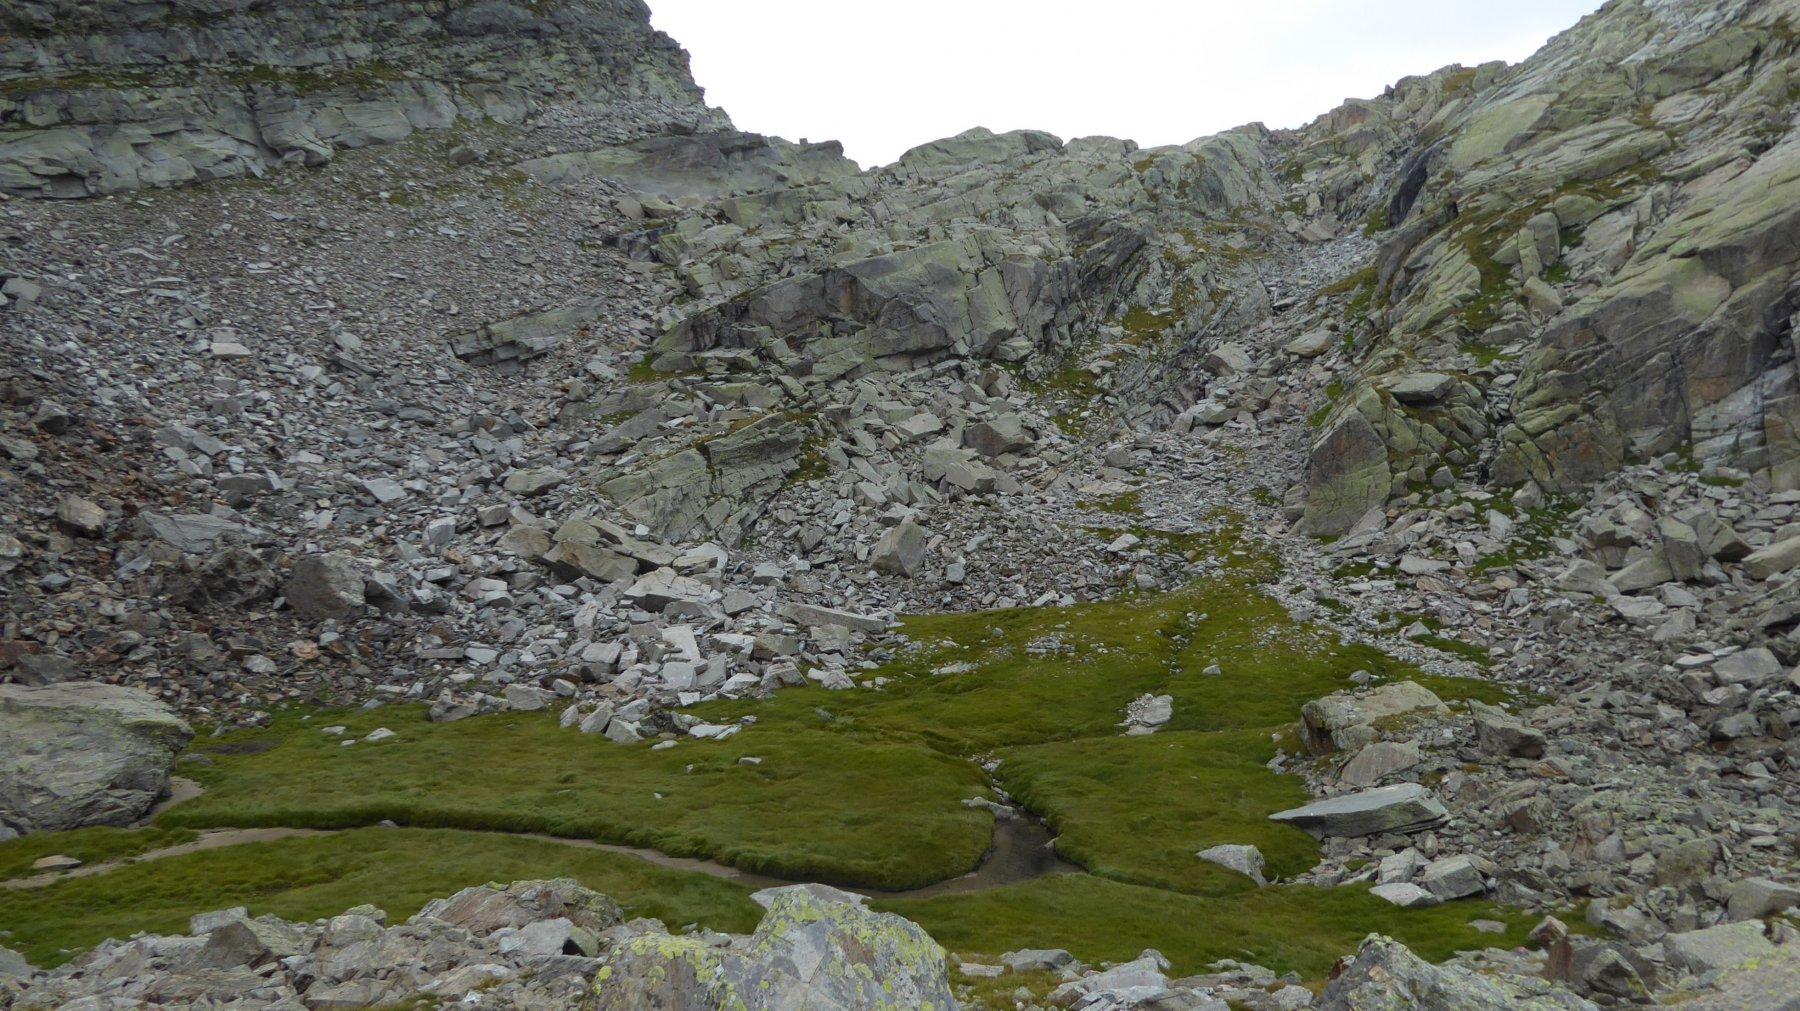 La conca erbosa, da cui inizia la salita fuori sentiero